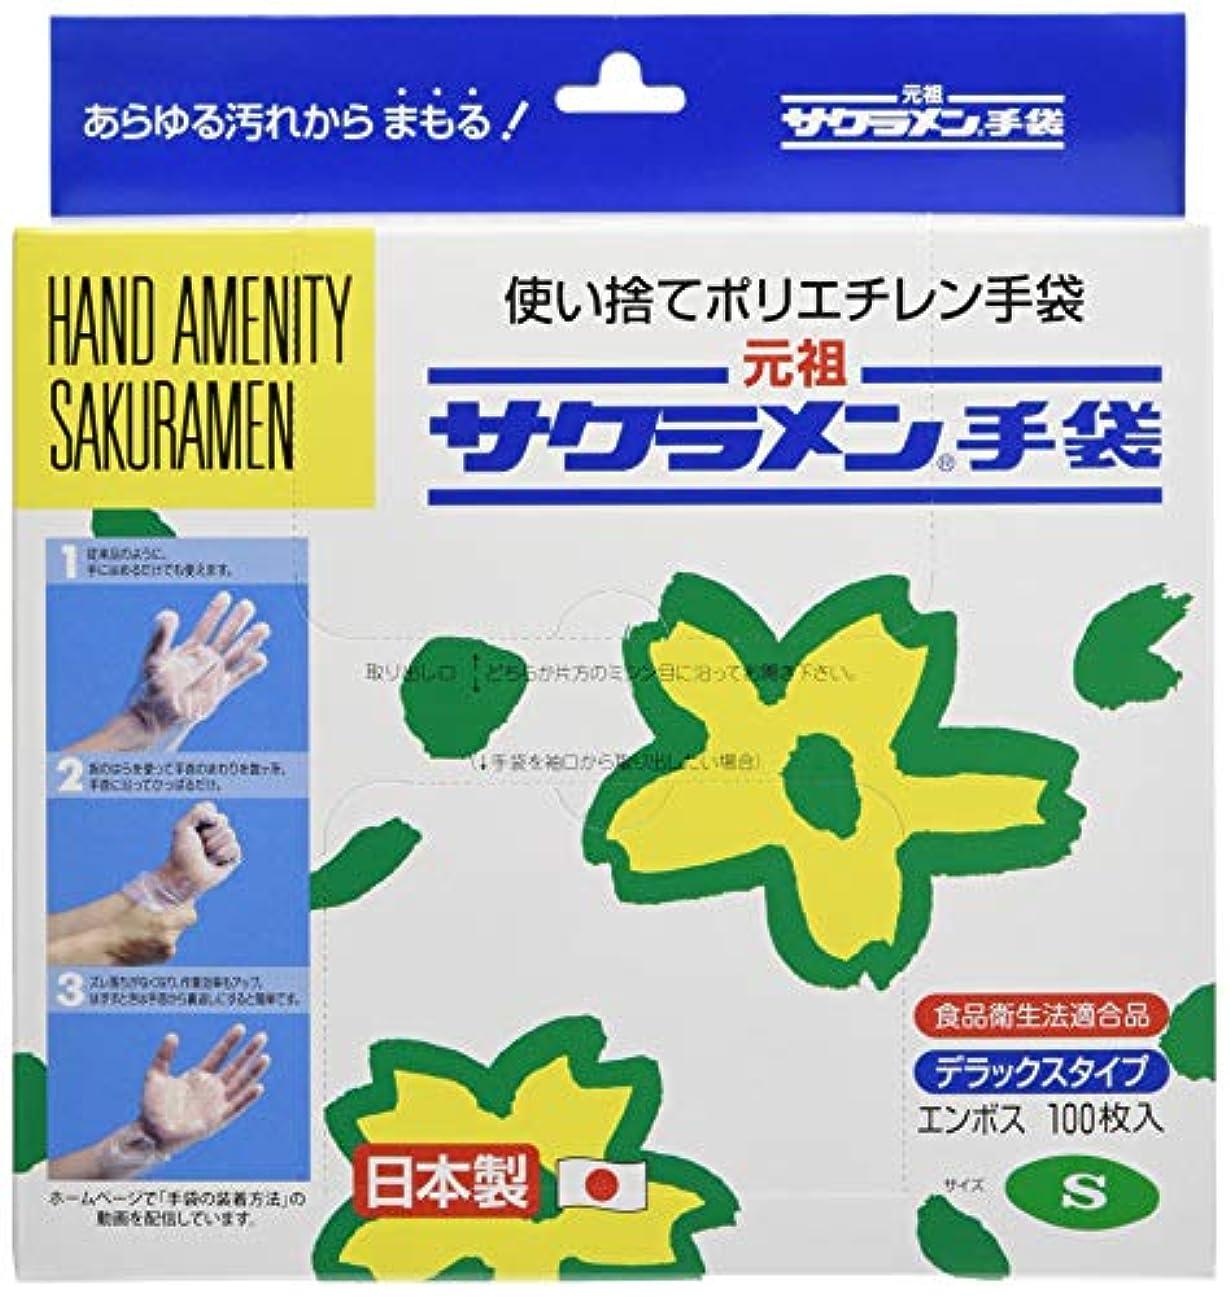 グリーンバックホステルカフェサクラメン手袋 デラックス(100枚入)S ピンク 35μ